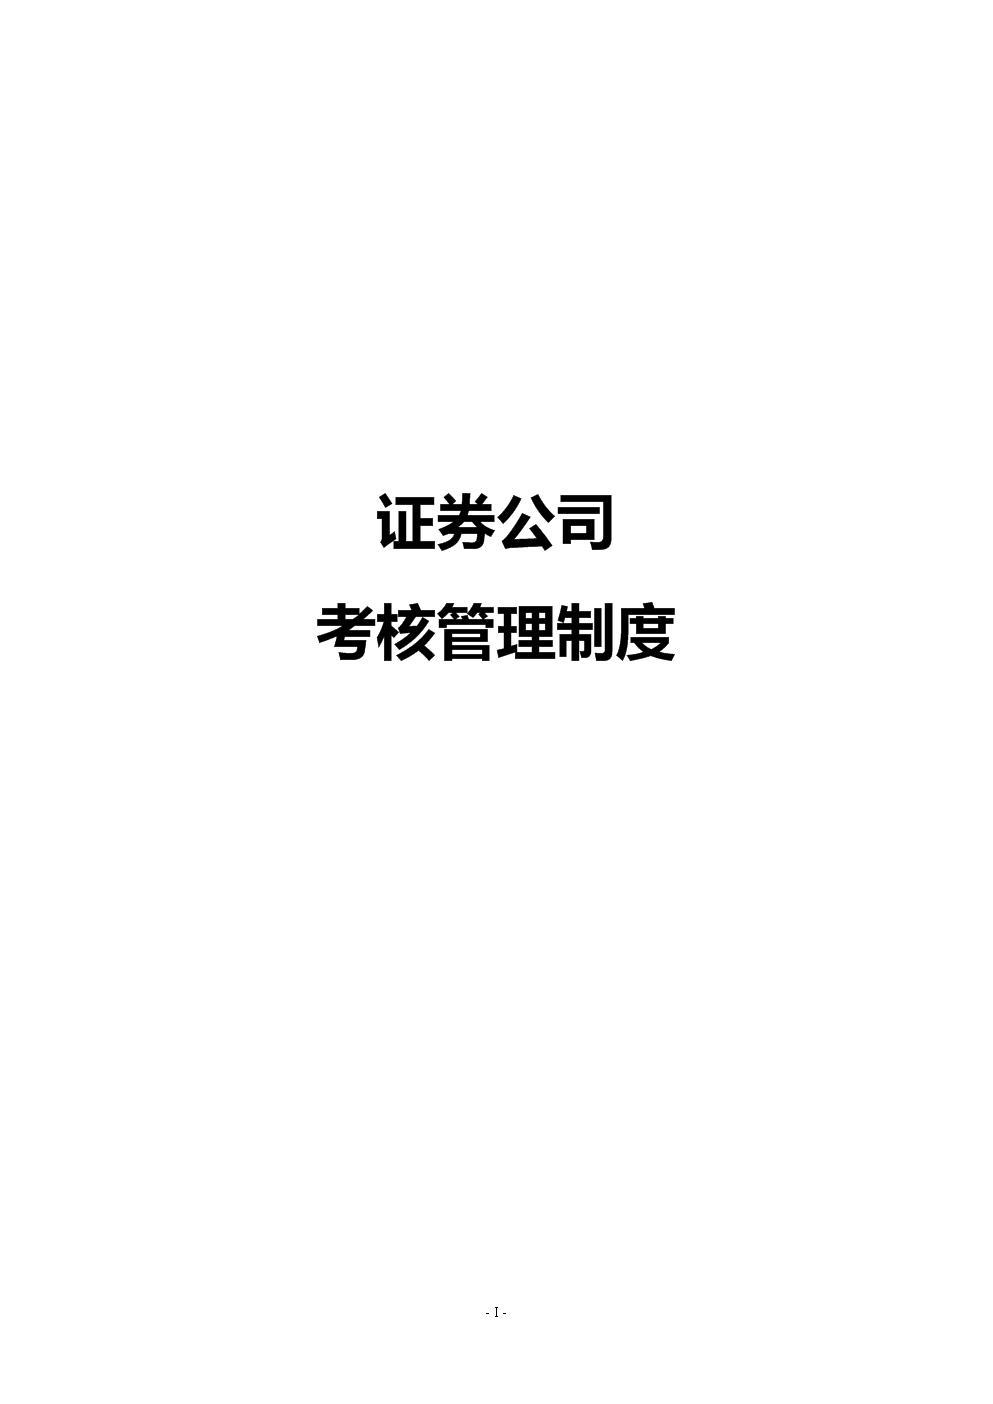 2019年金融公司考核管理制度.doc